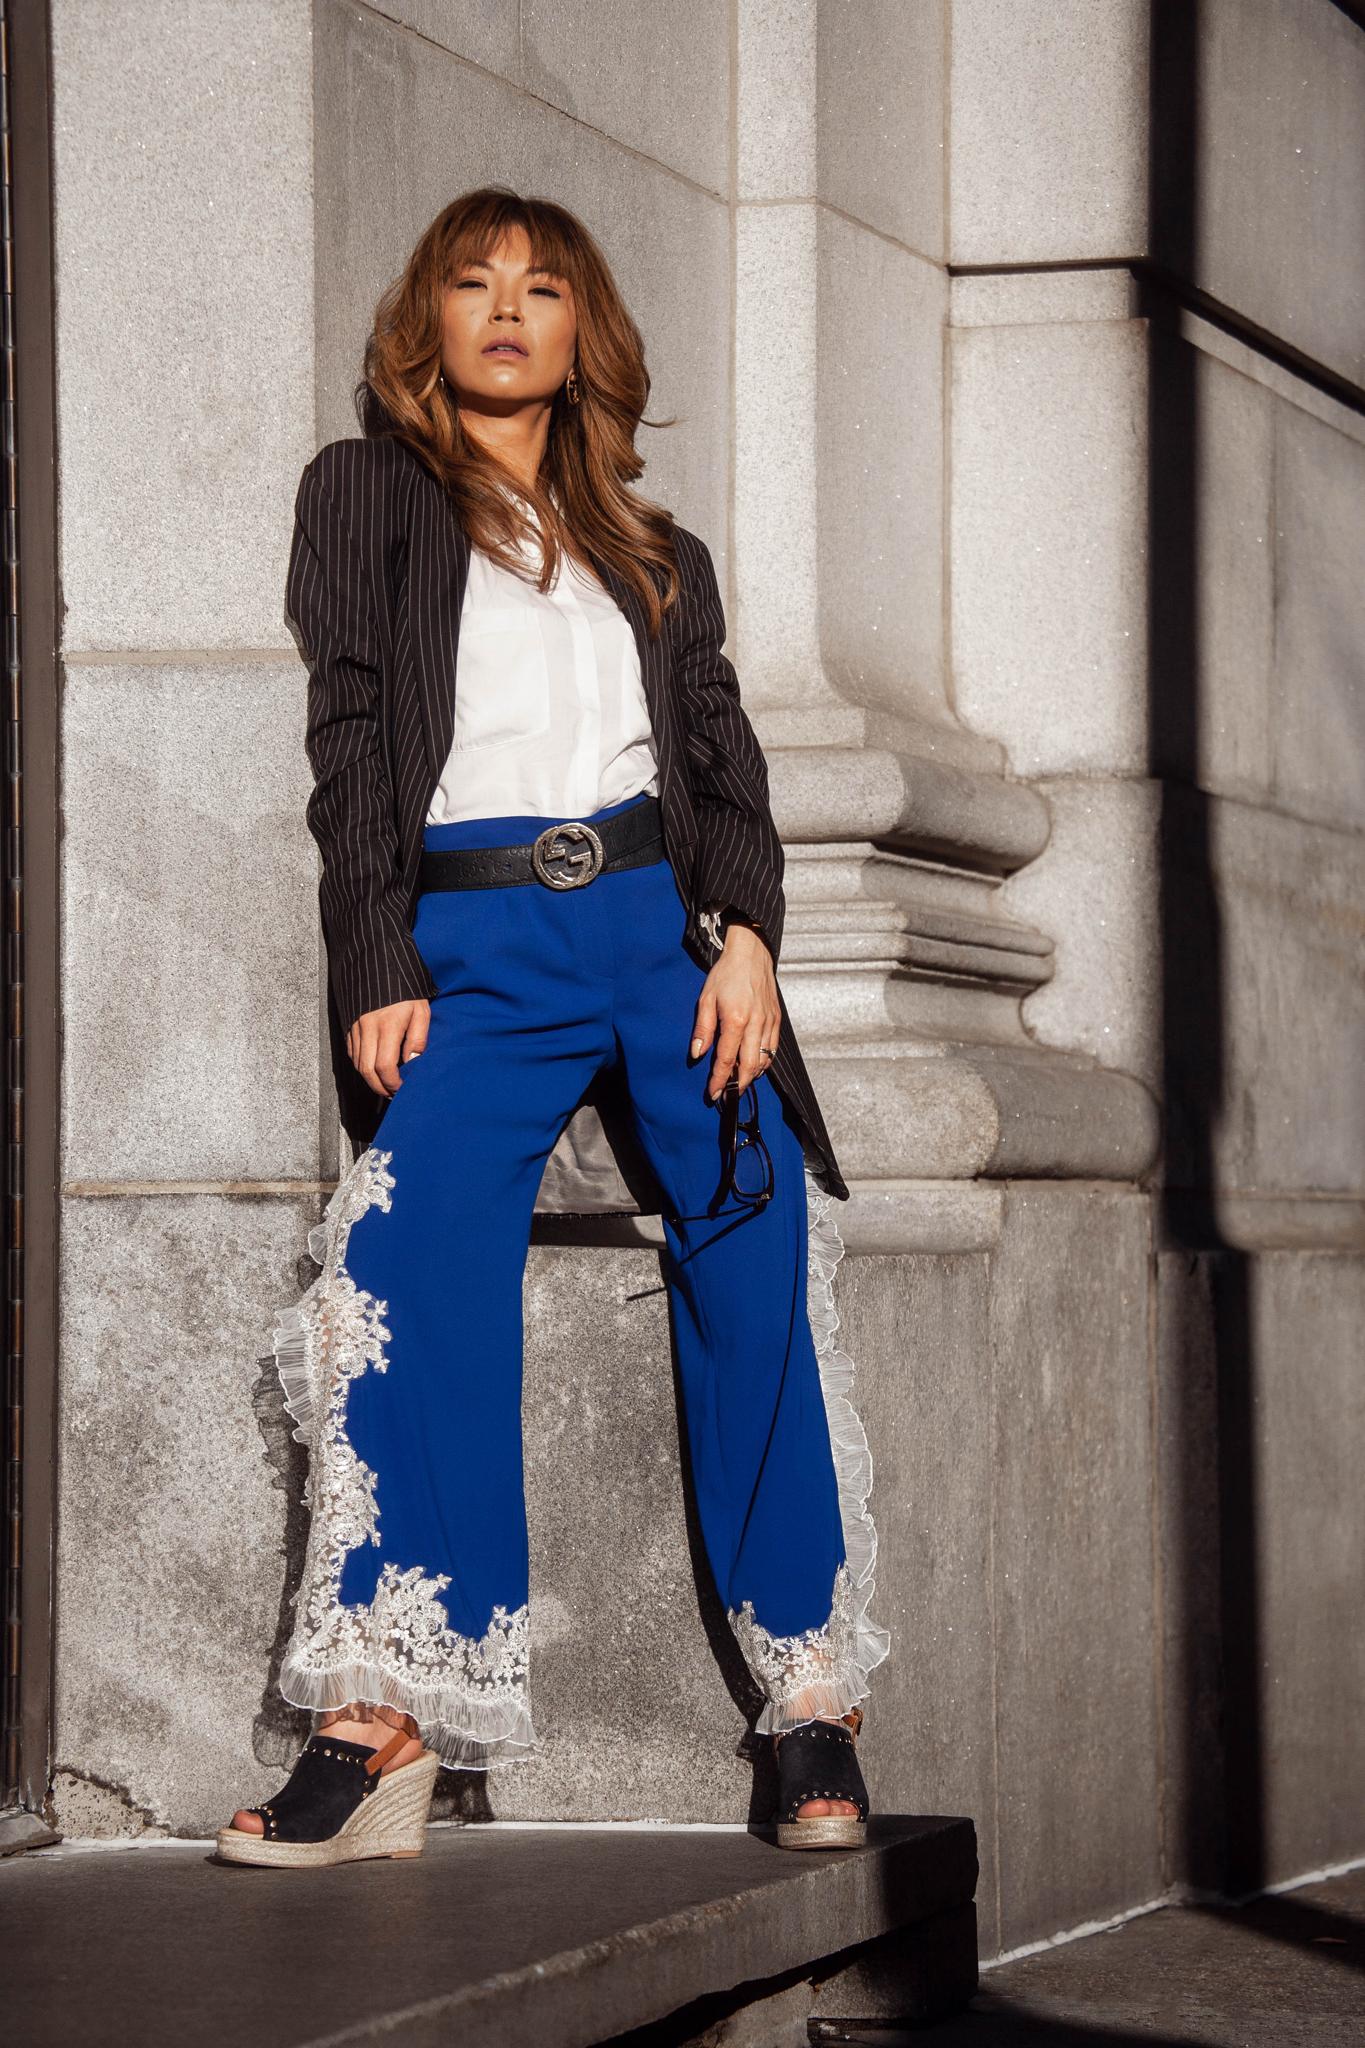 NYC stylist